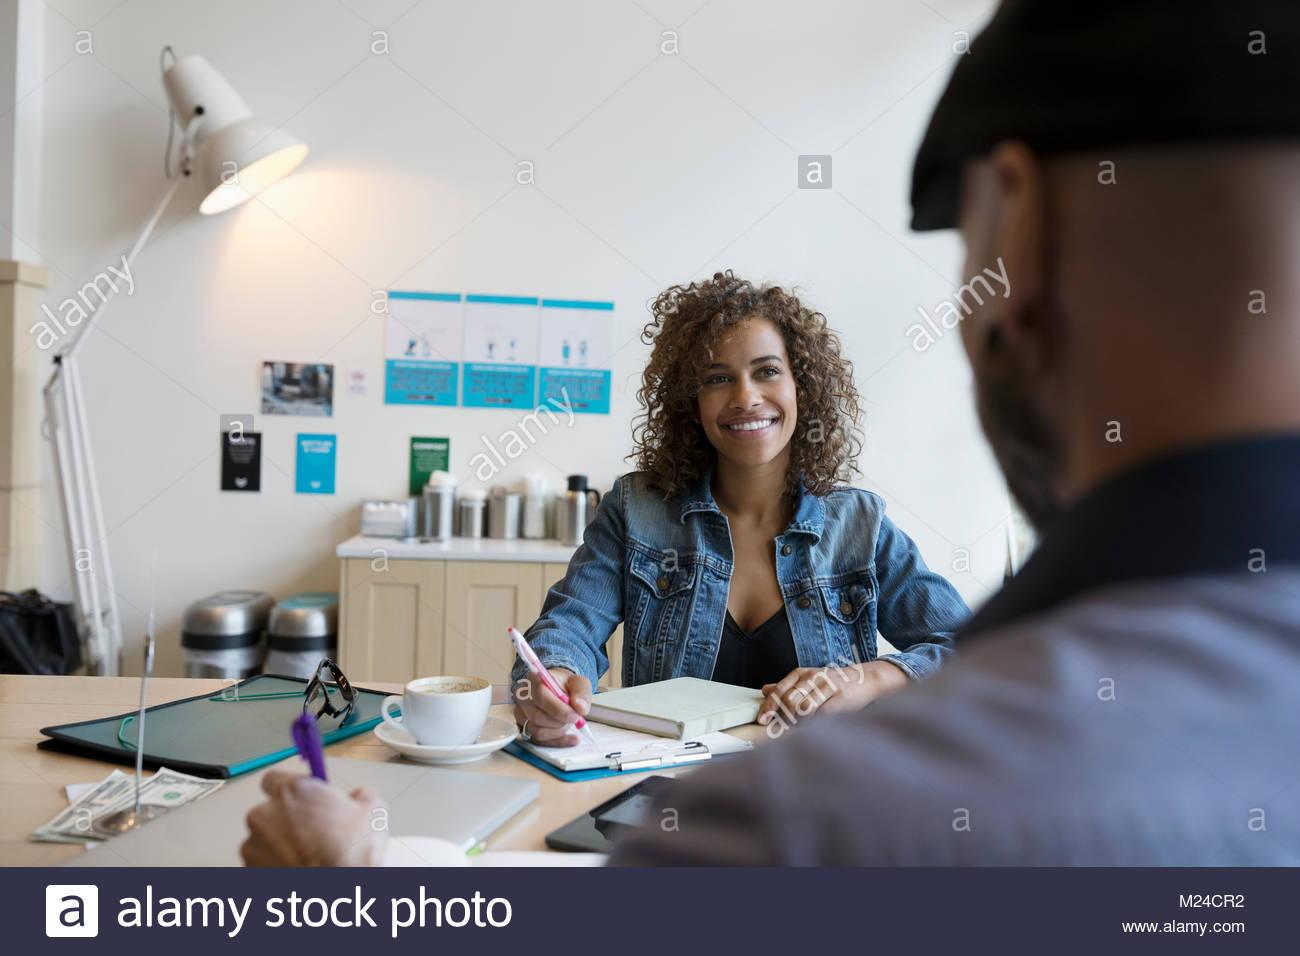 Lächelnd die Inhaber kleiner Unternehmen arbeiten, Planung am Tisch Stockbild